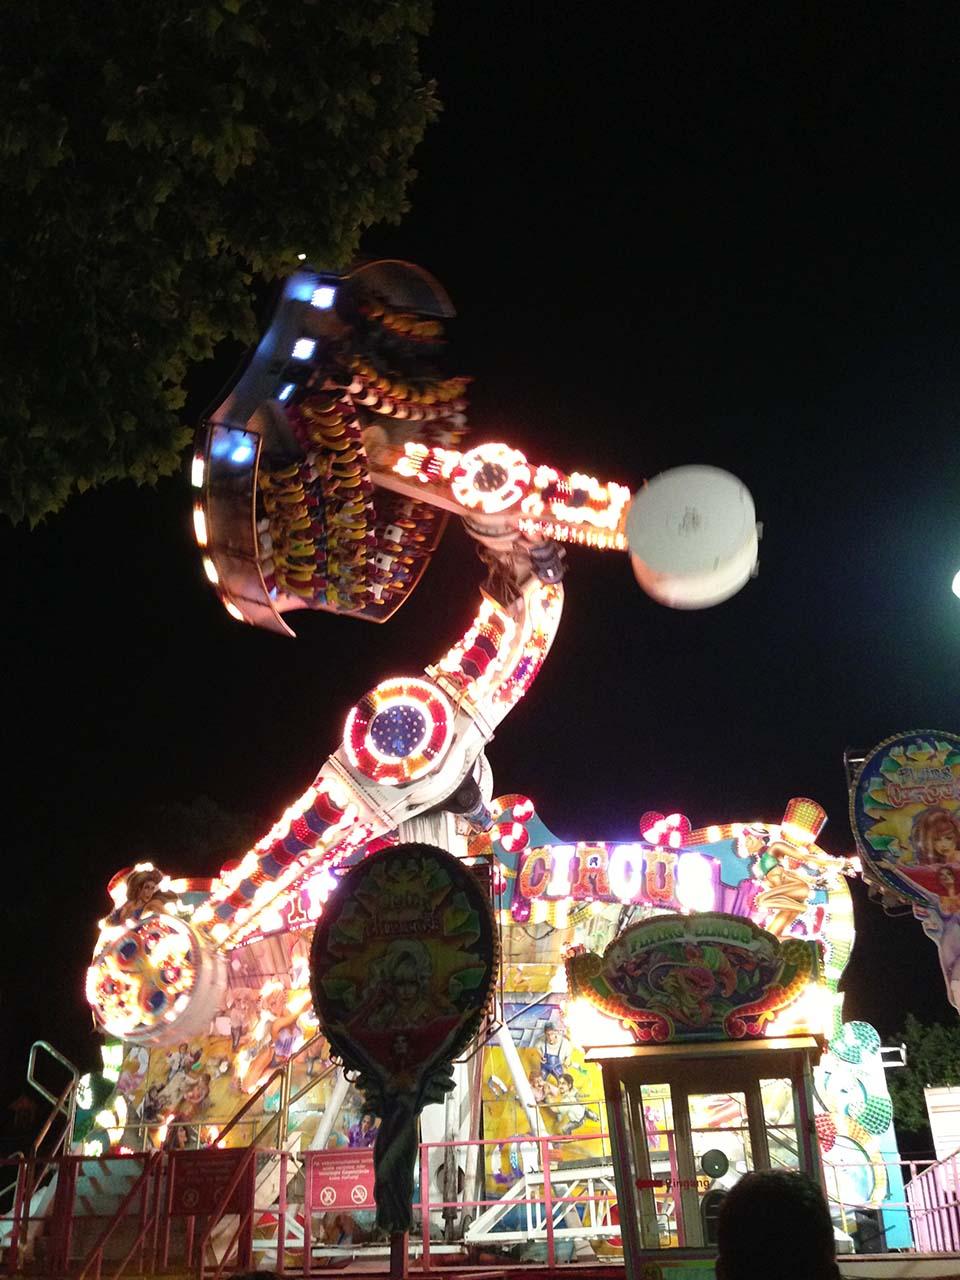 vidampark-repulo-cirkusz